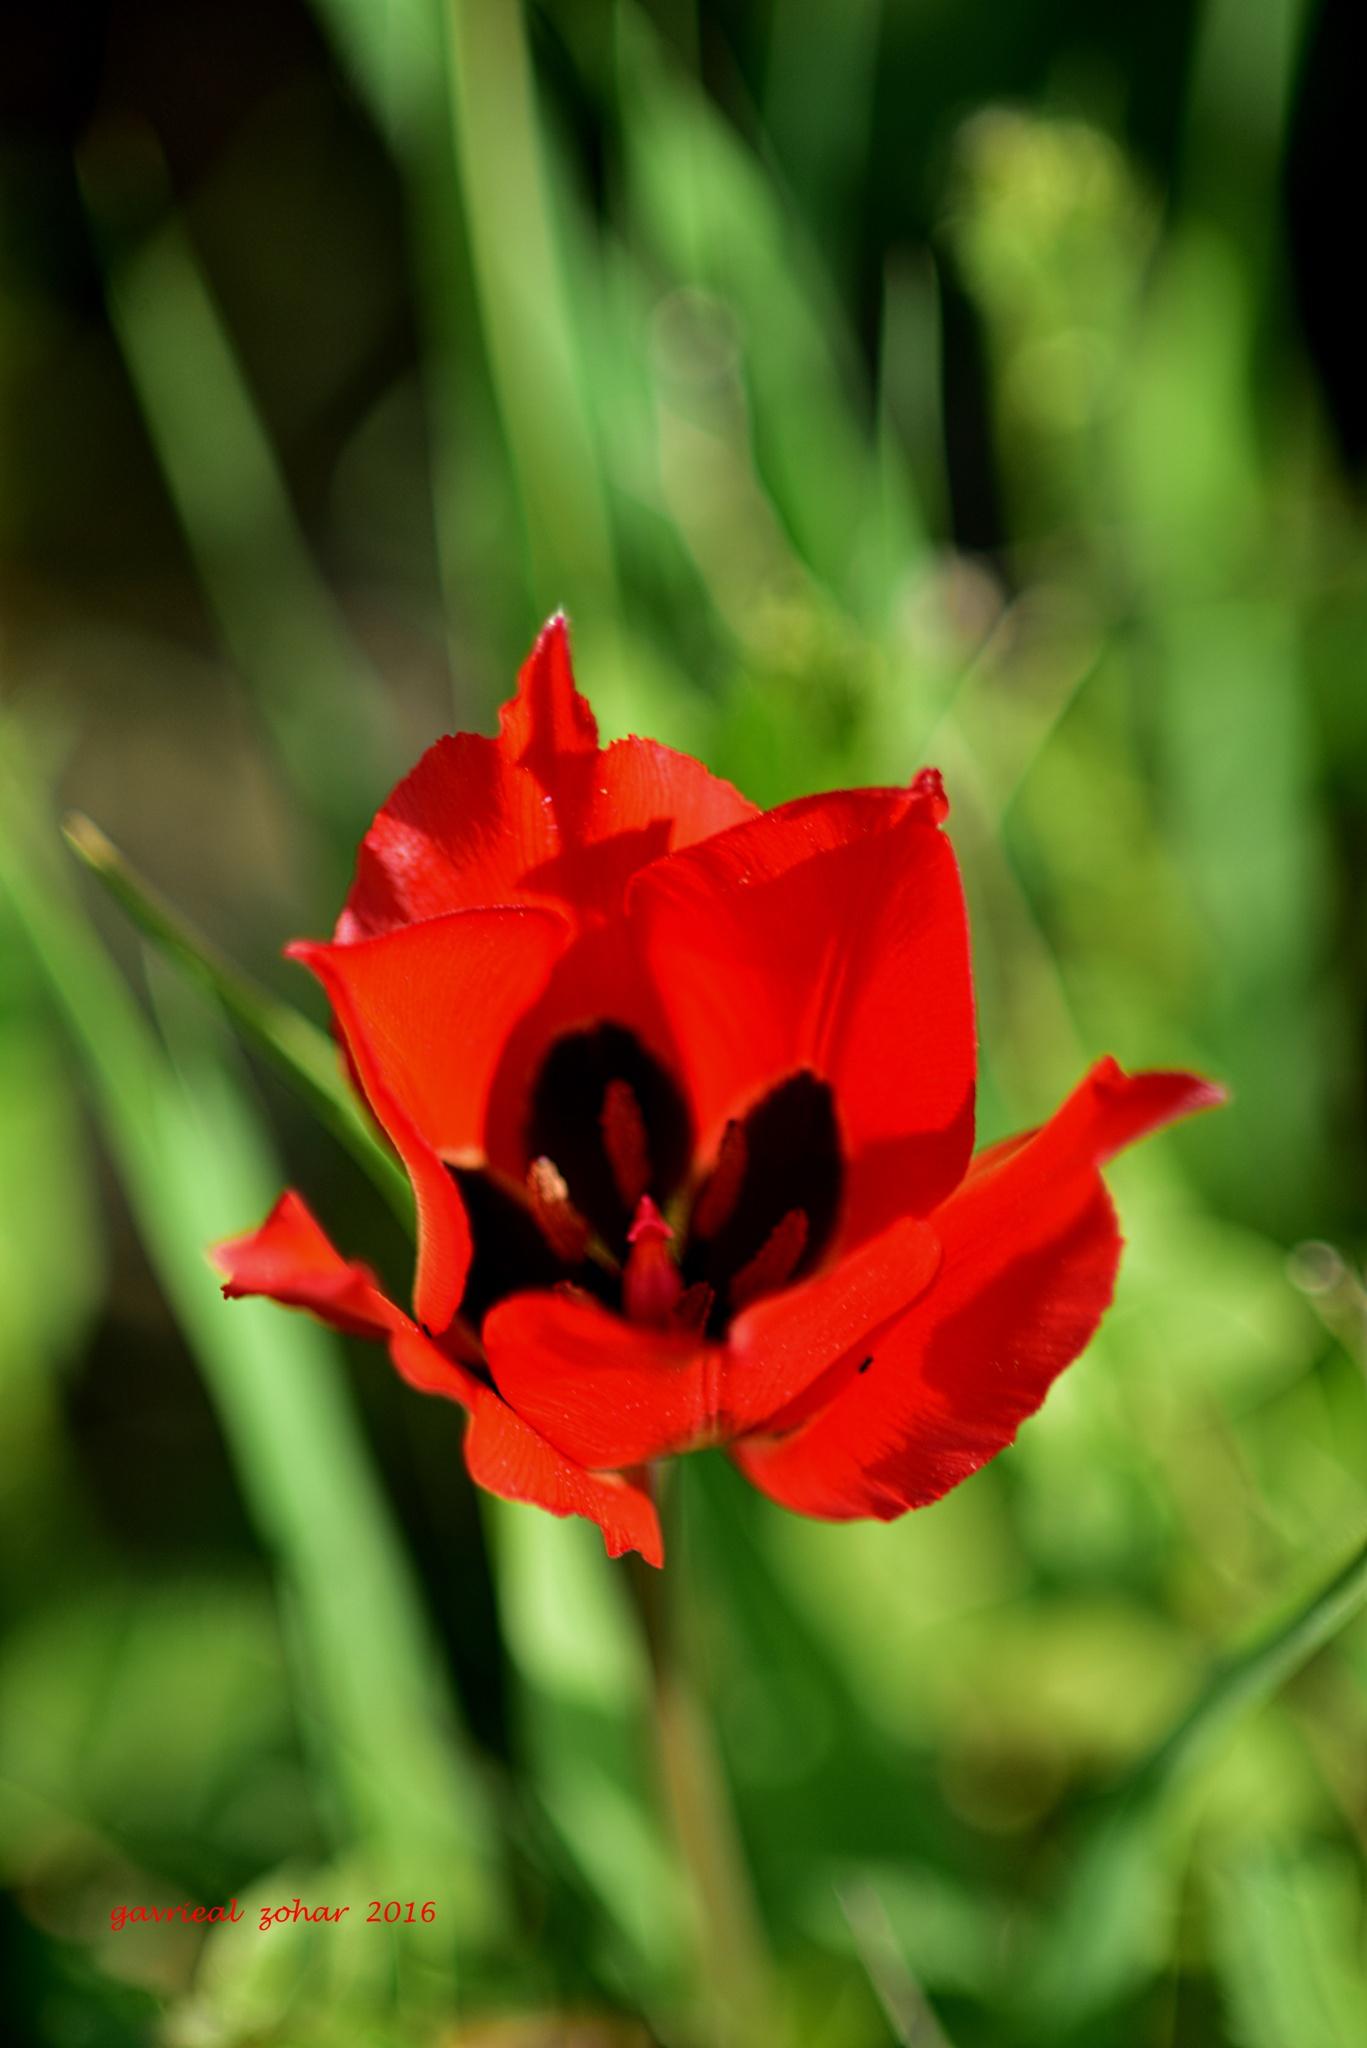 tulip flower by gavriealzohar